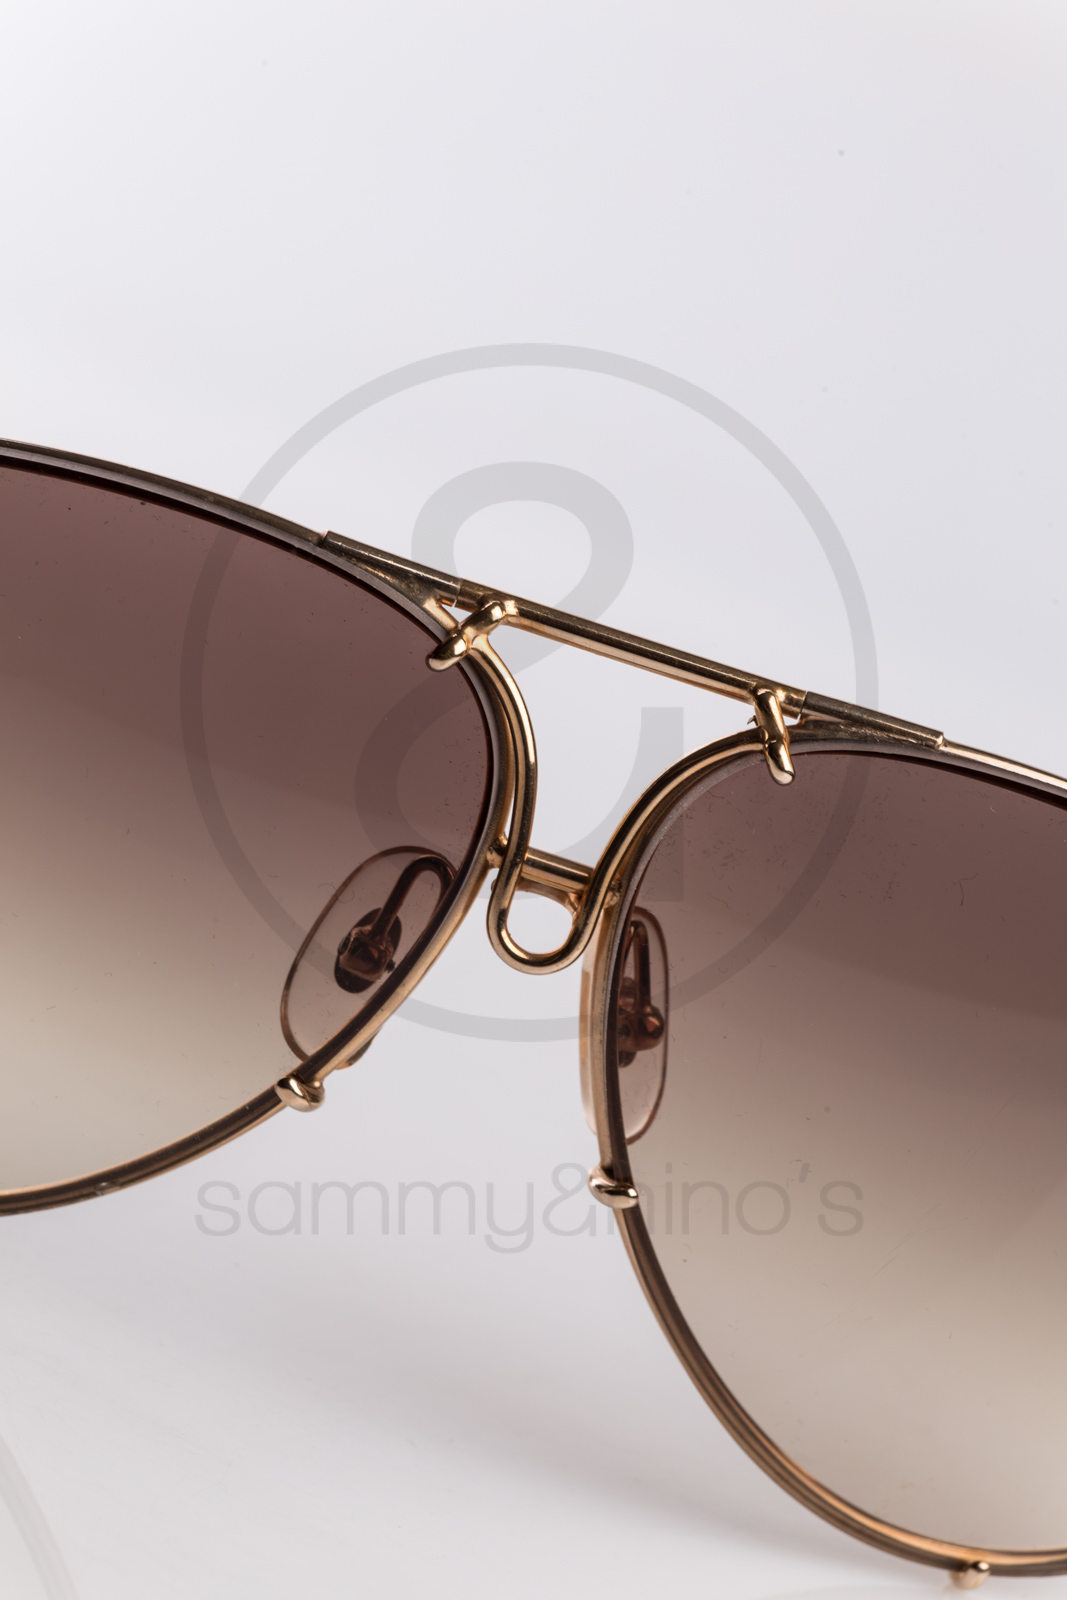 d108ea17d6 Porsche Carrera Sunglasses 5621